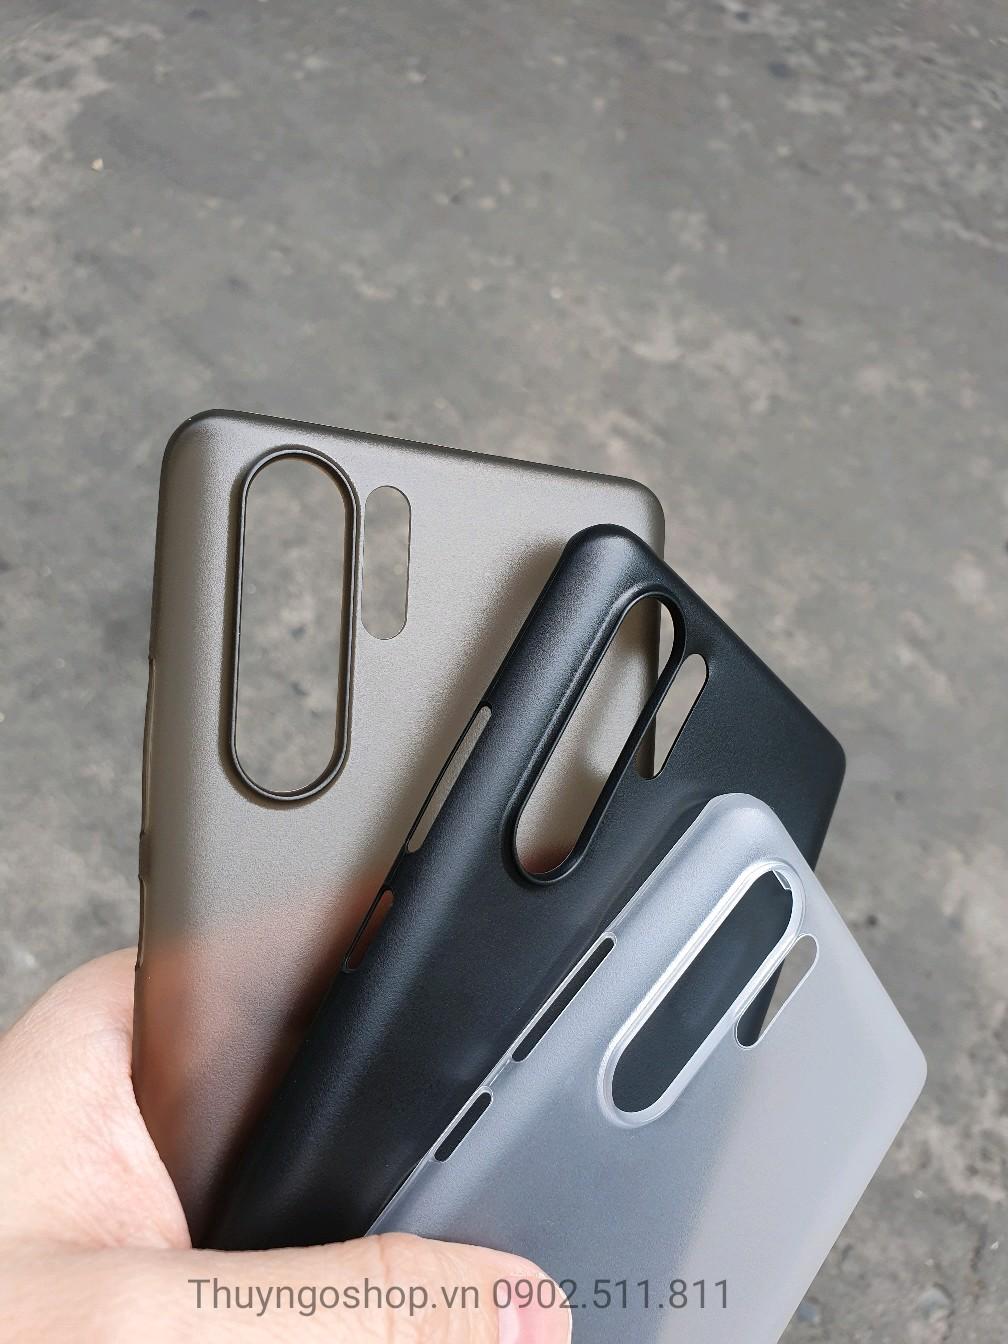 Huawei P30 Pro - Ốp Lưng X-Level Siêu Mỏng 0.18mm